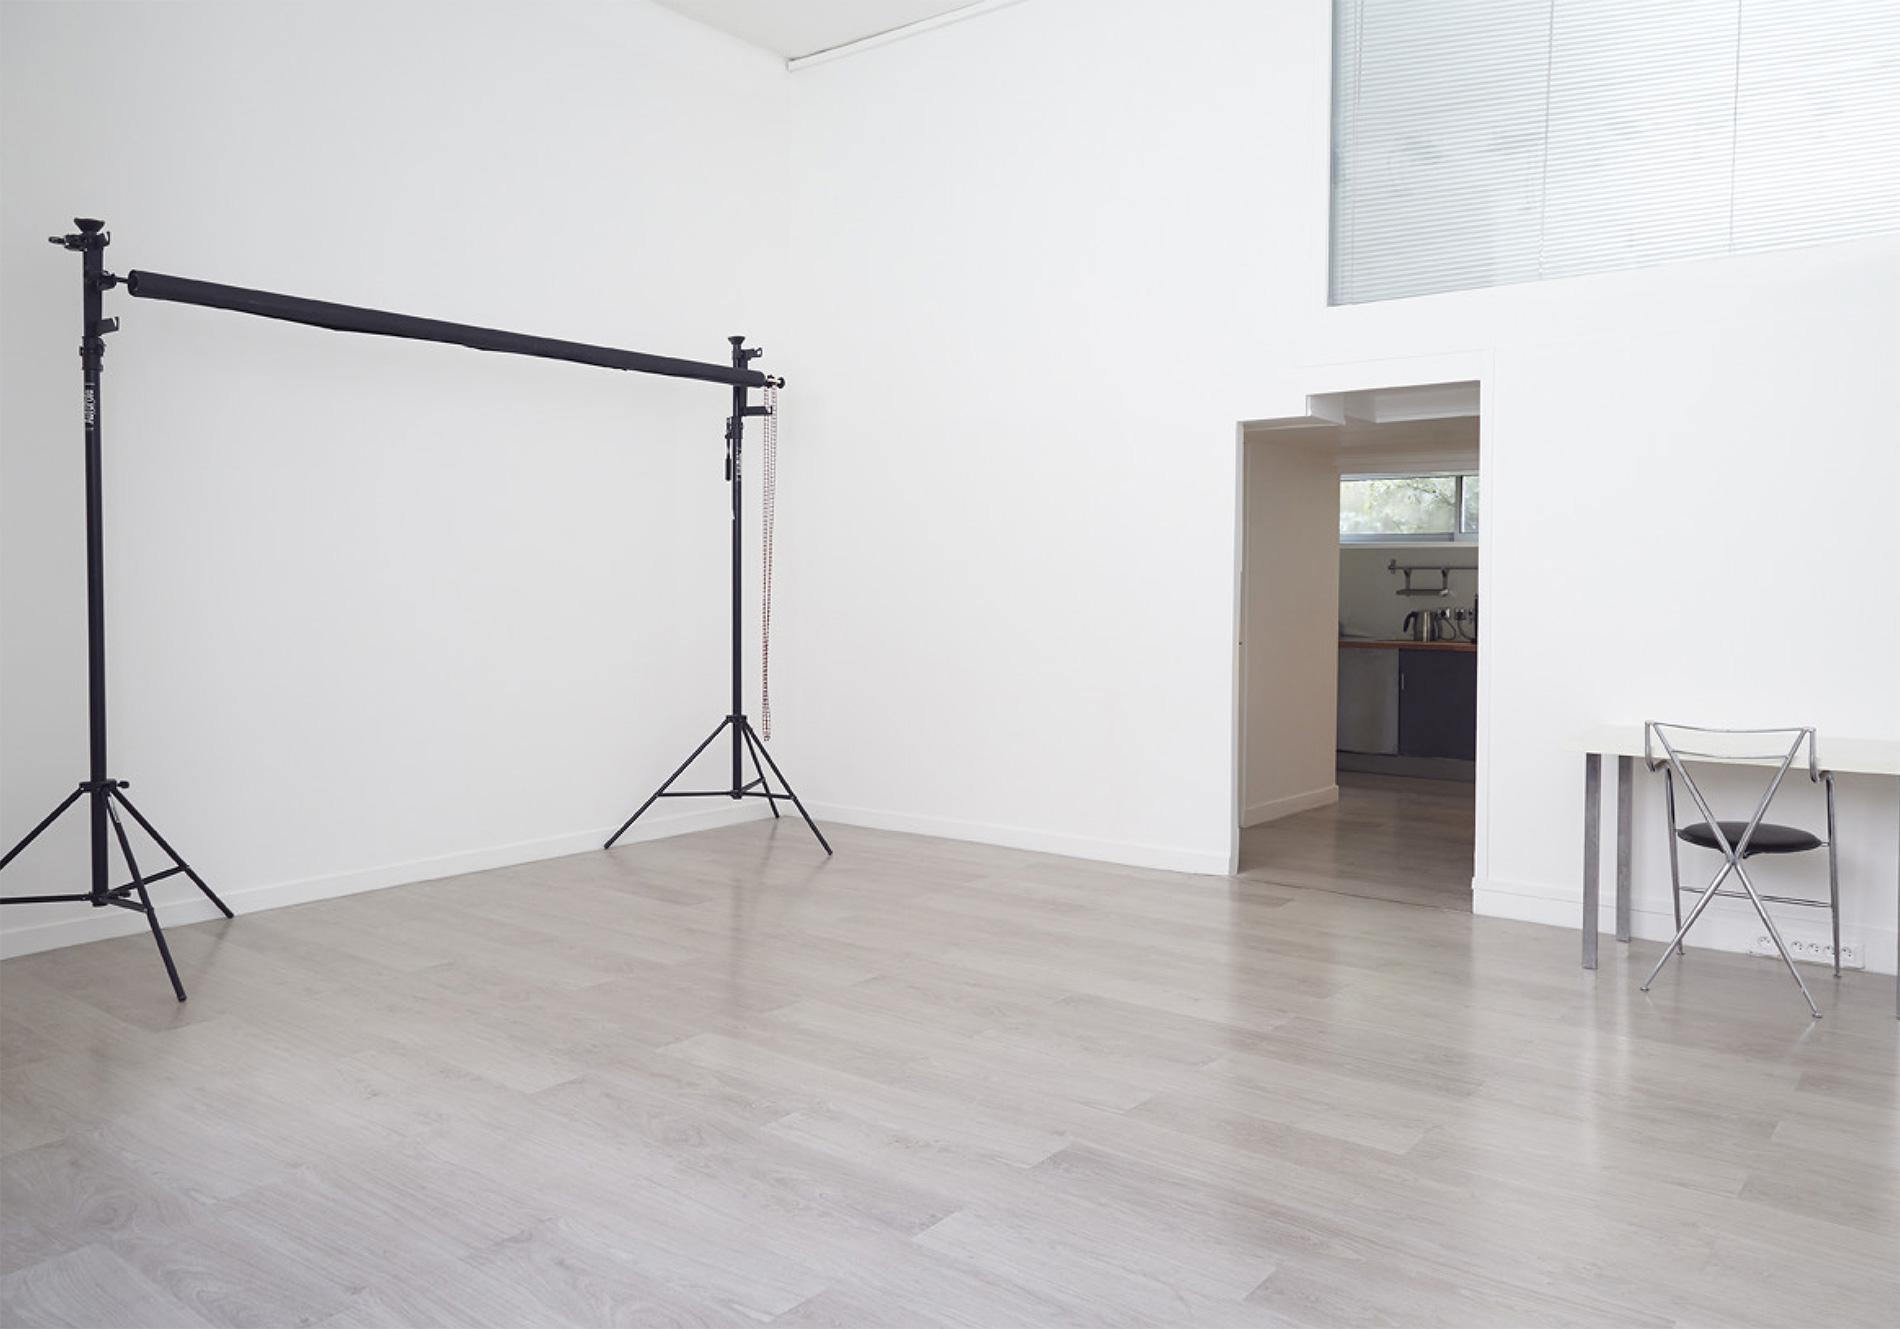 plaquette-Studio-43_PACKS